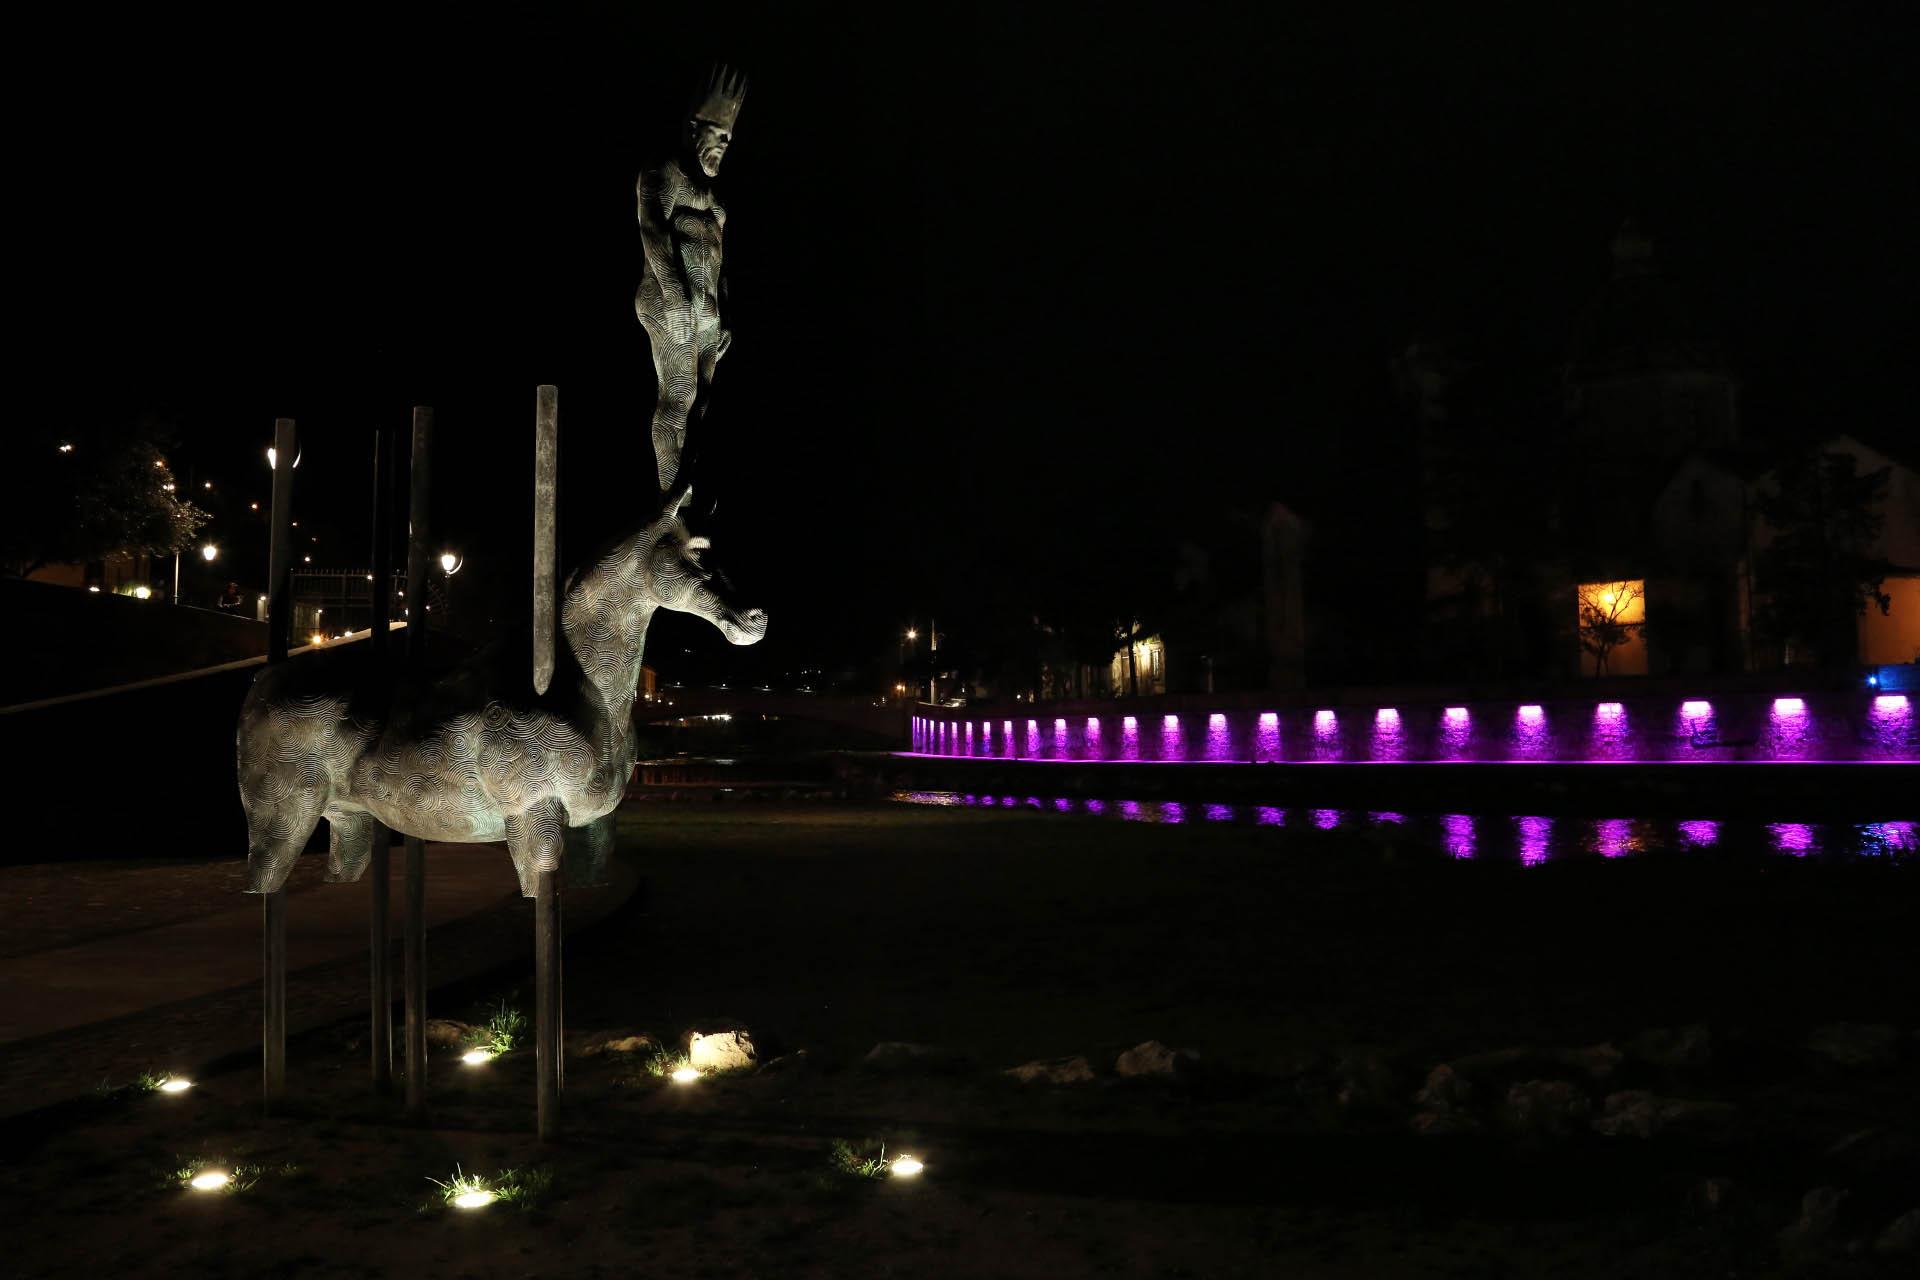 La statua di Re Alarico, posta alla confluenza dei fiumi Crati e Busento, a Cosenza.